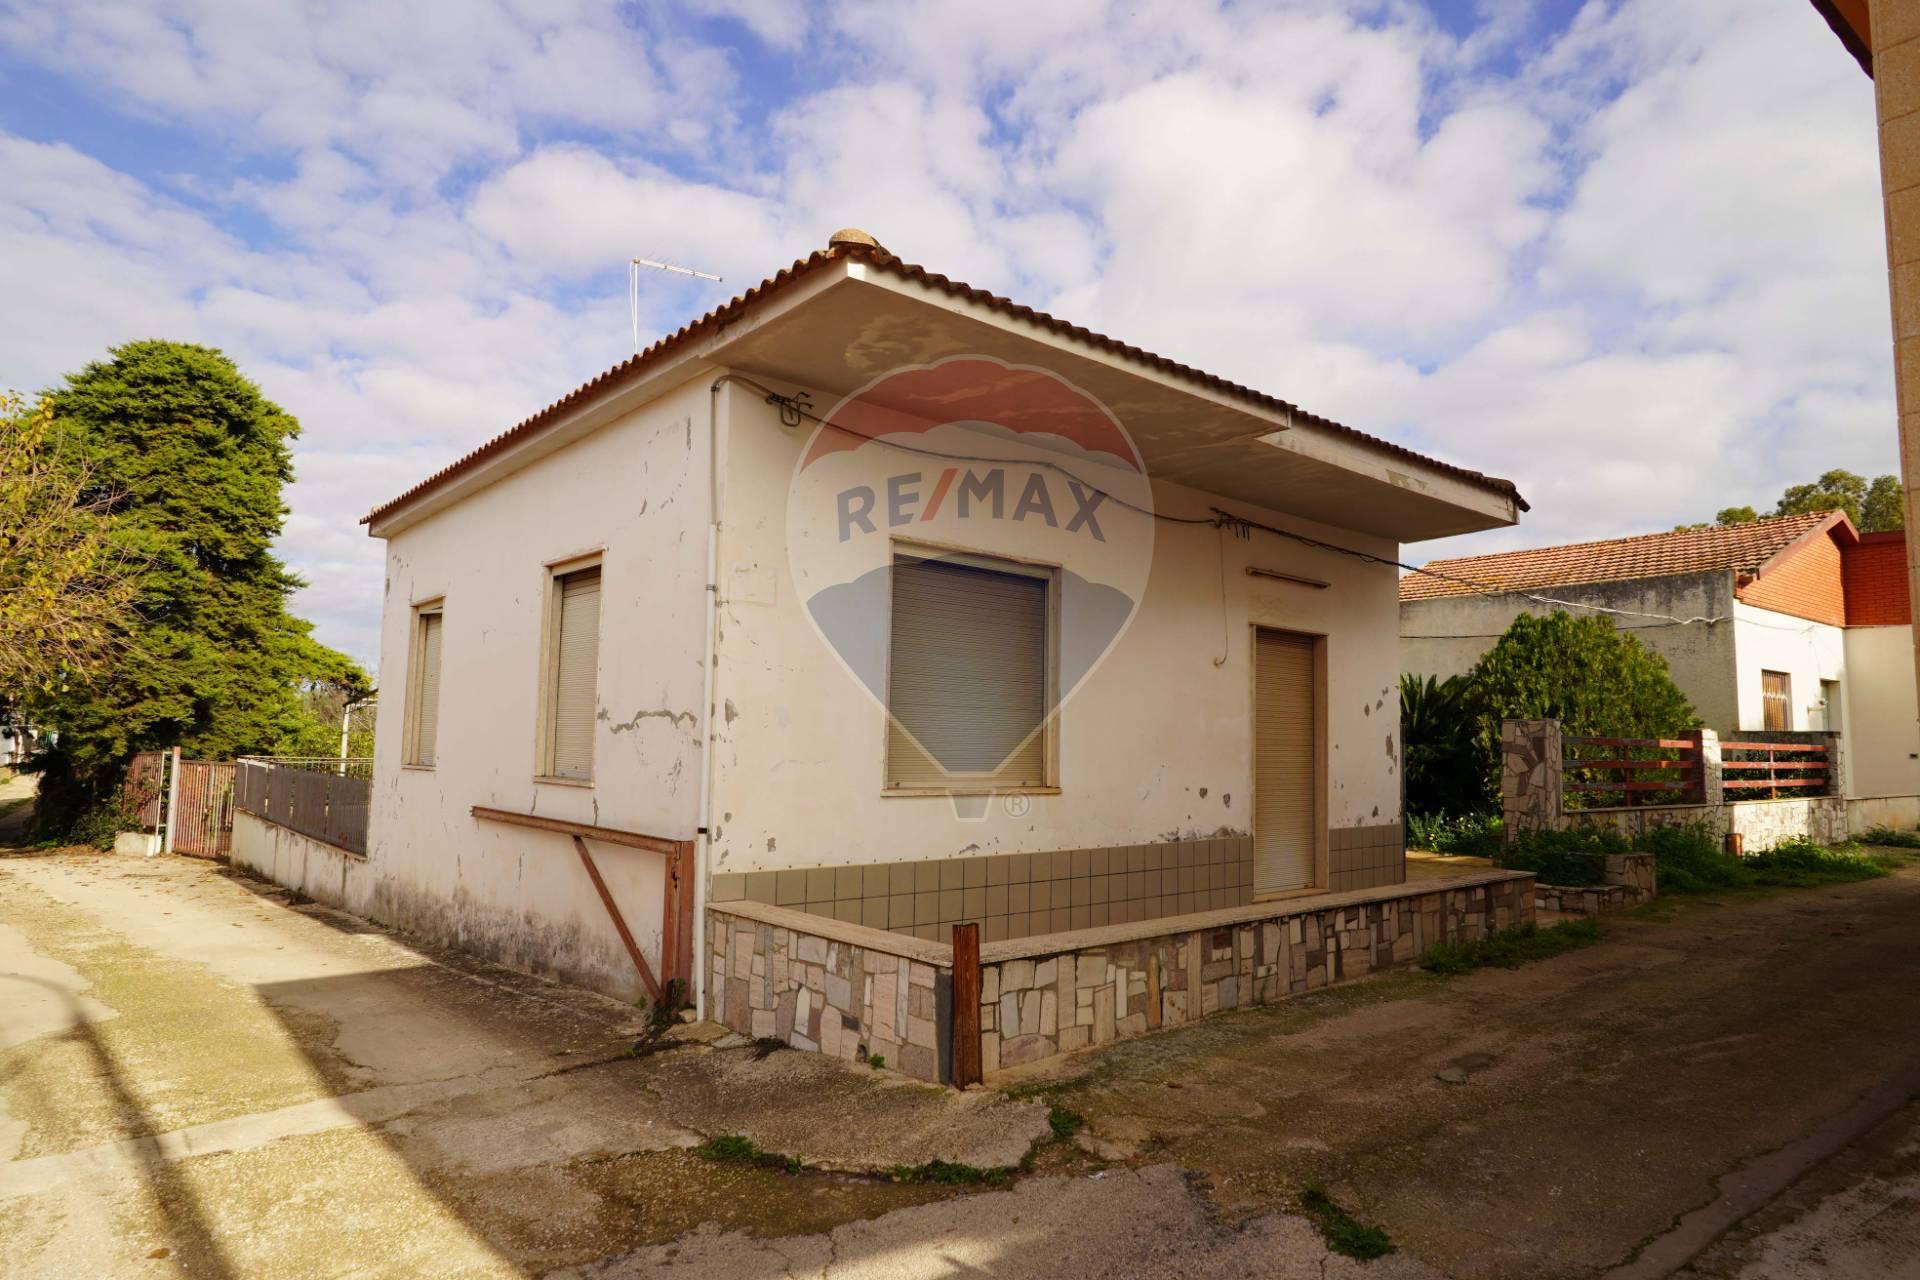 Villa in vendita a Vittoria, 6 locali, prezzo € 60.000 | CambioCasa.it